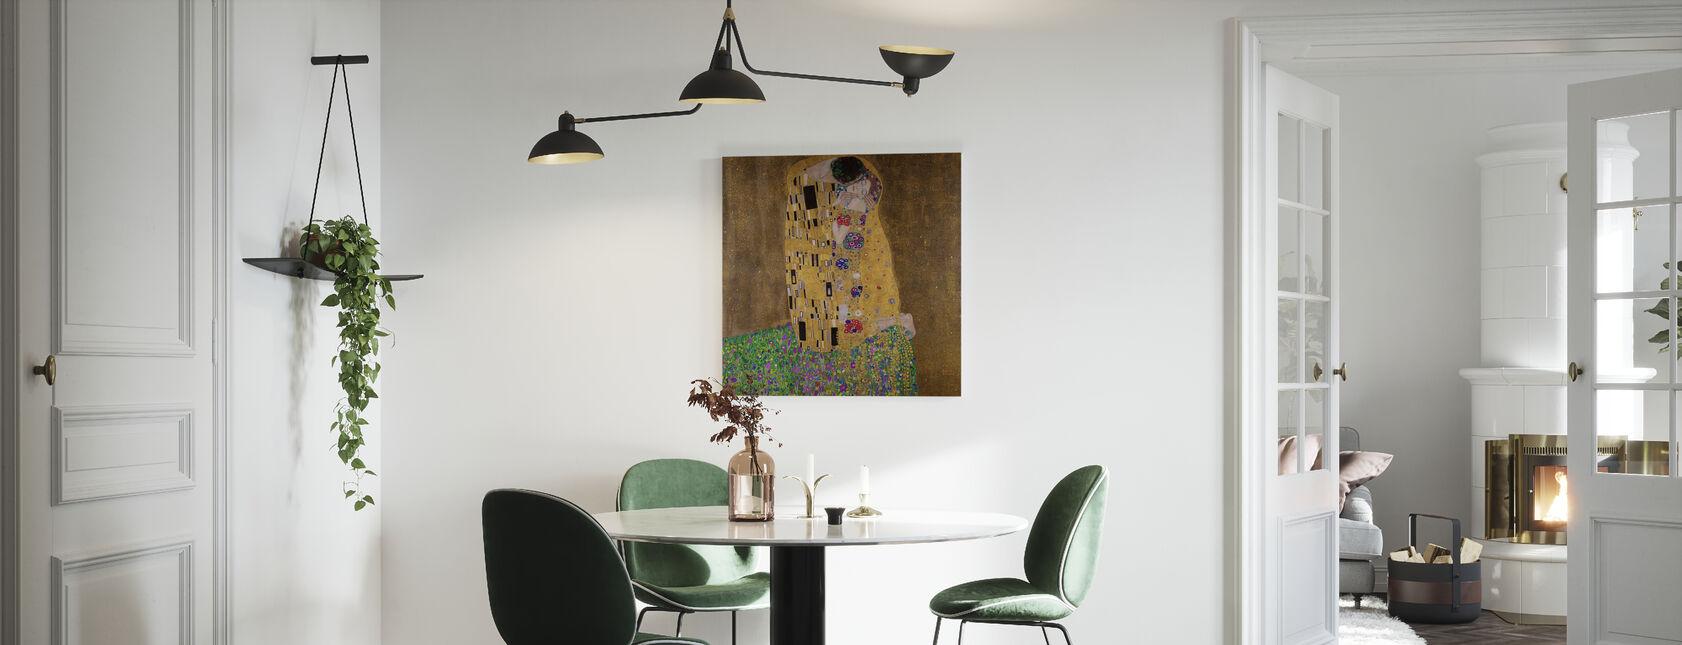 Der Kuss, Gustav Klimt - Leinwandbild - Küchen